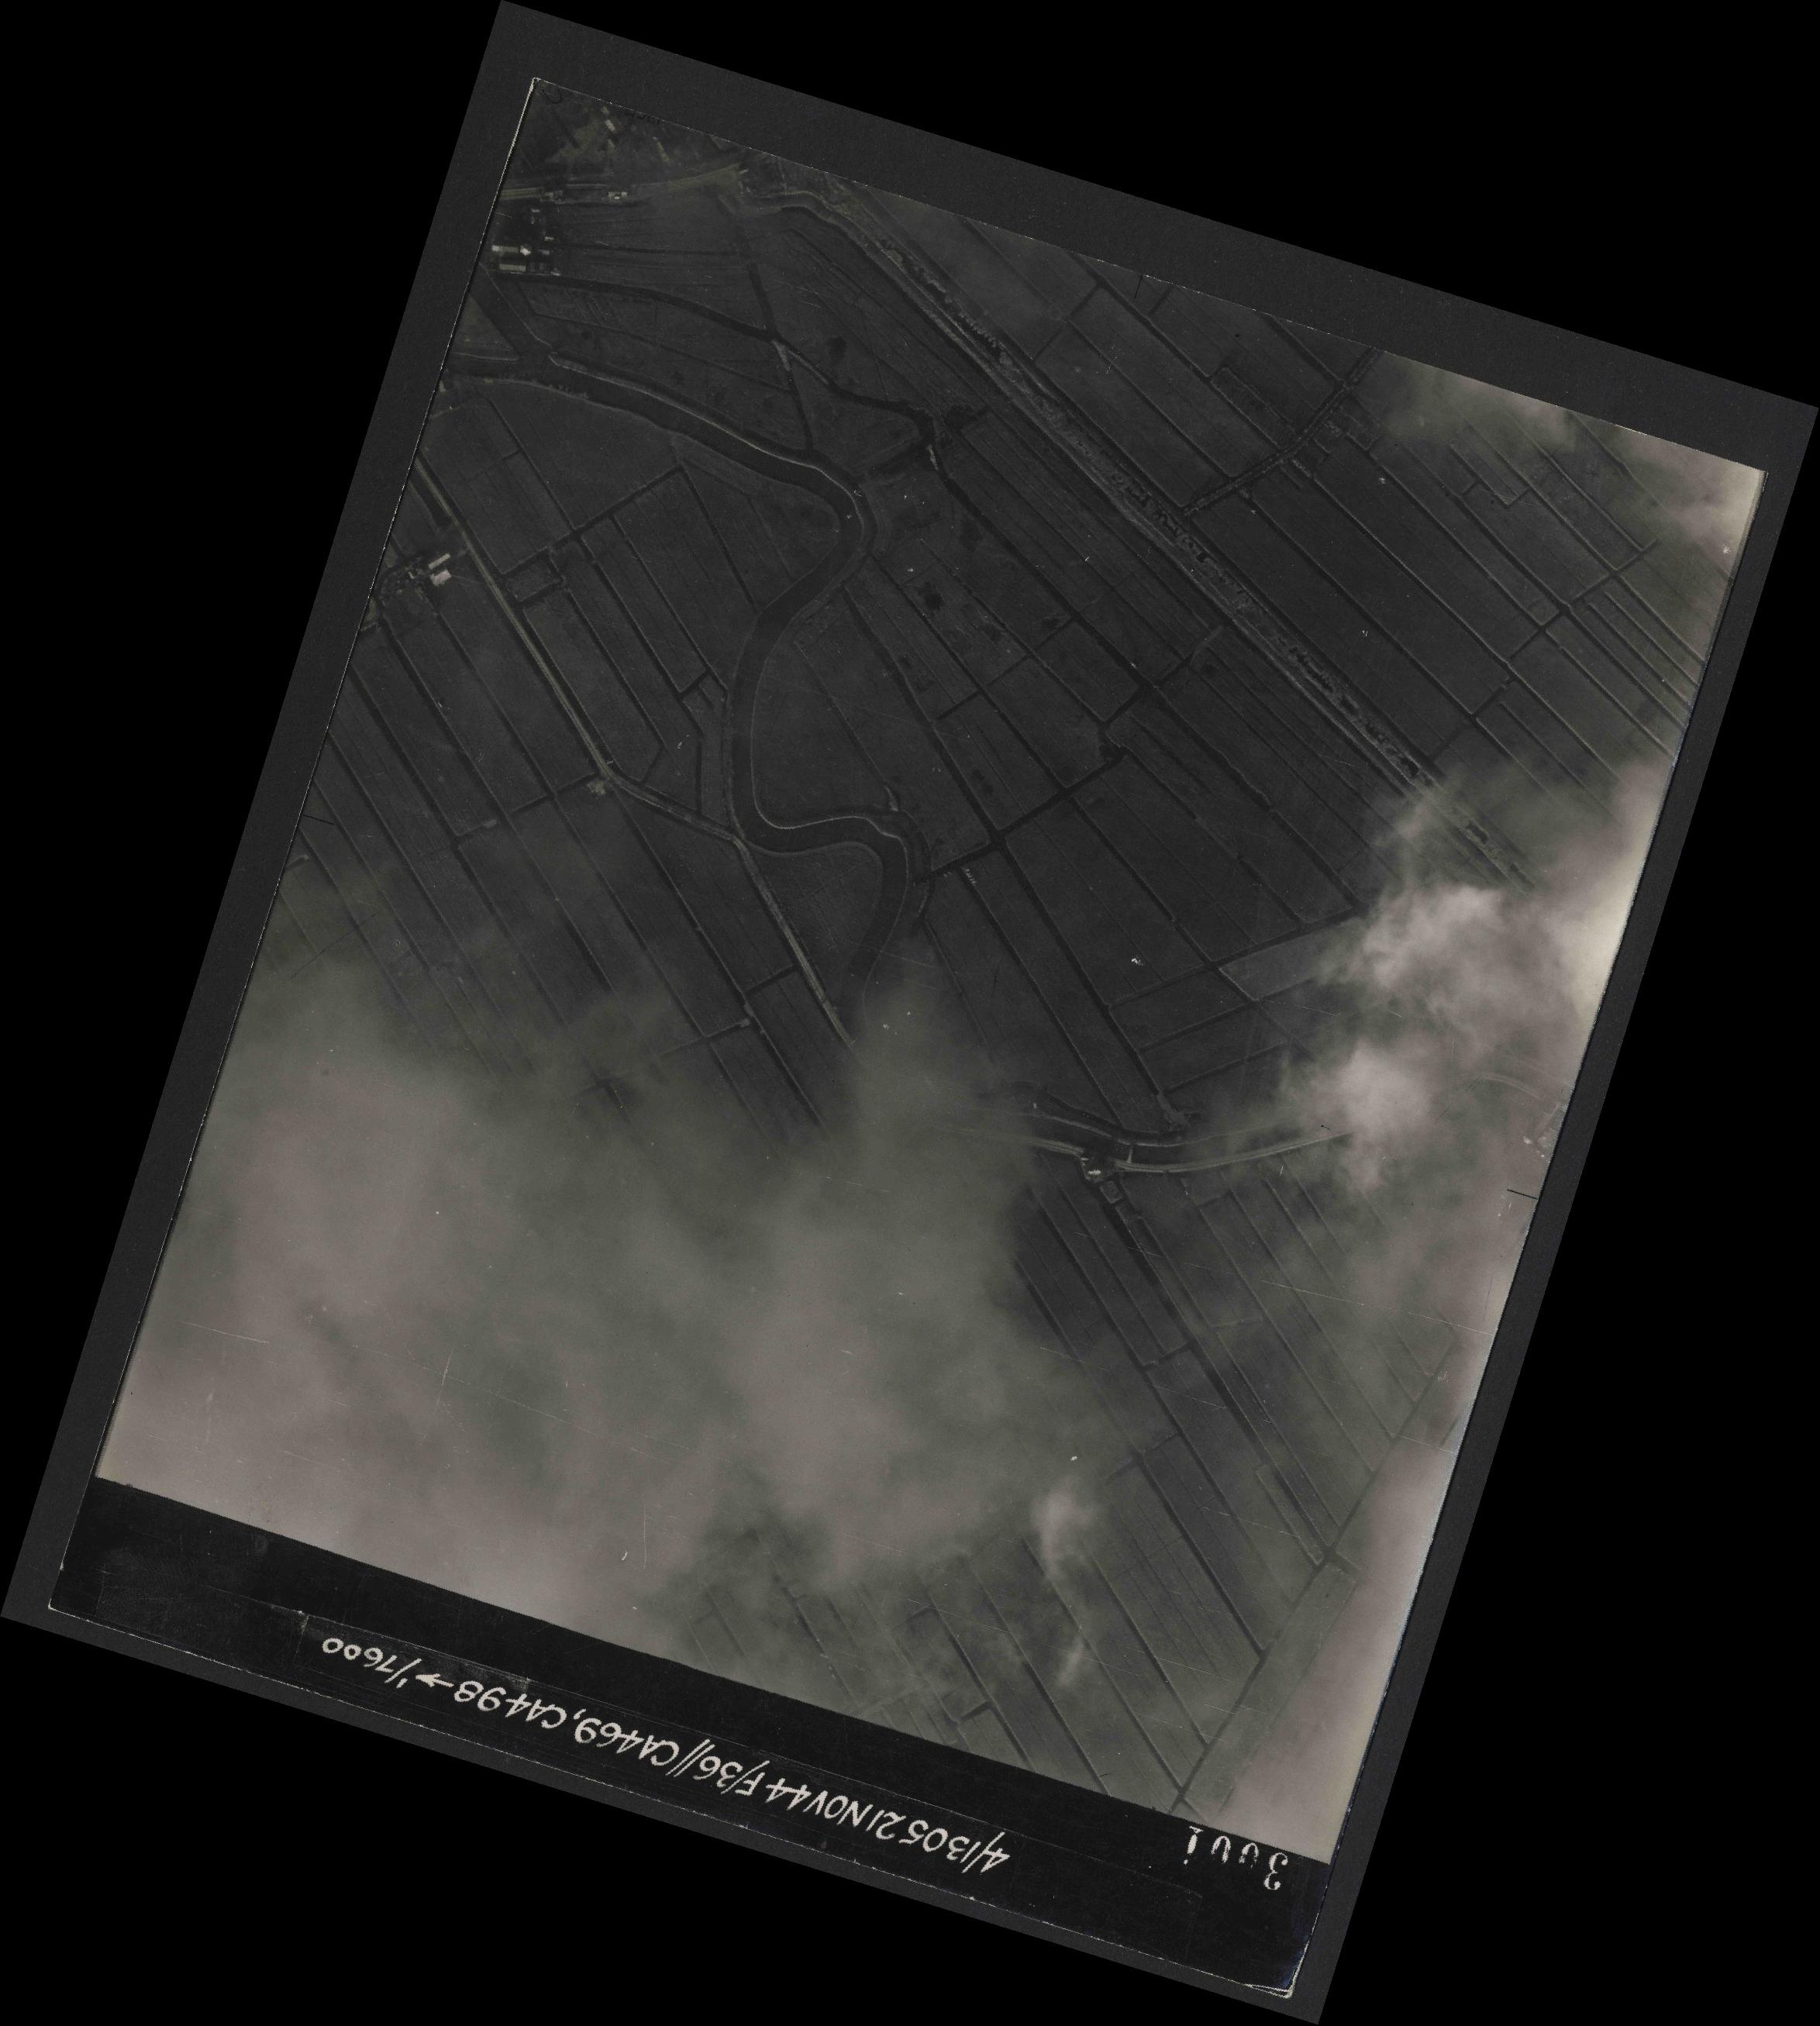 Collection RAF aerial photos 1940-1945 - flight 237, run 10, photo 3001